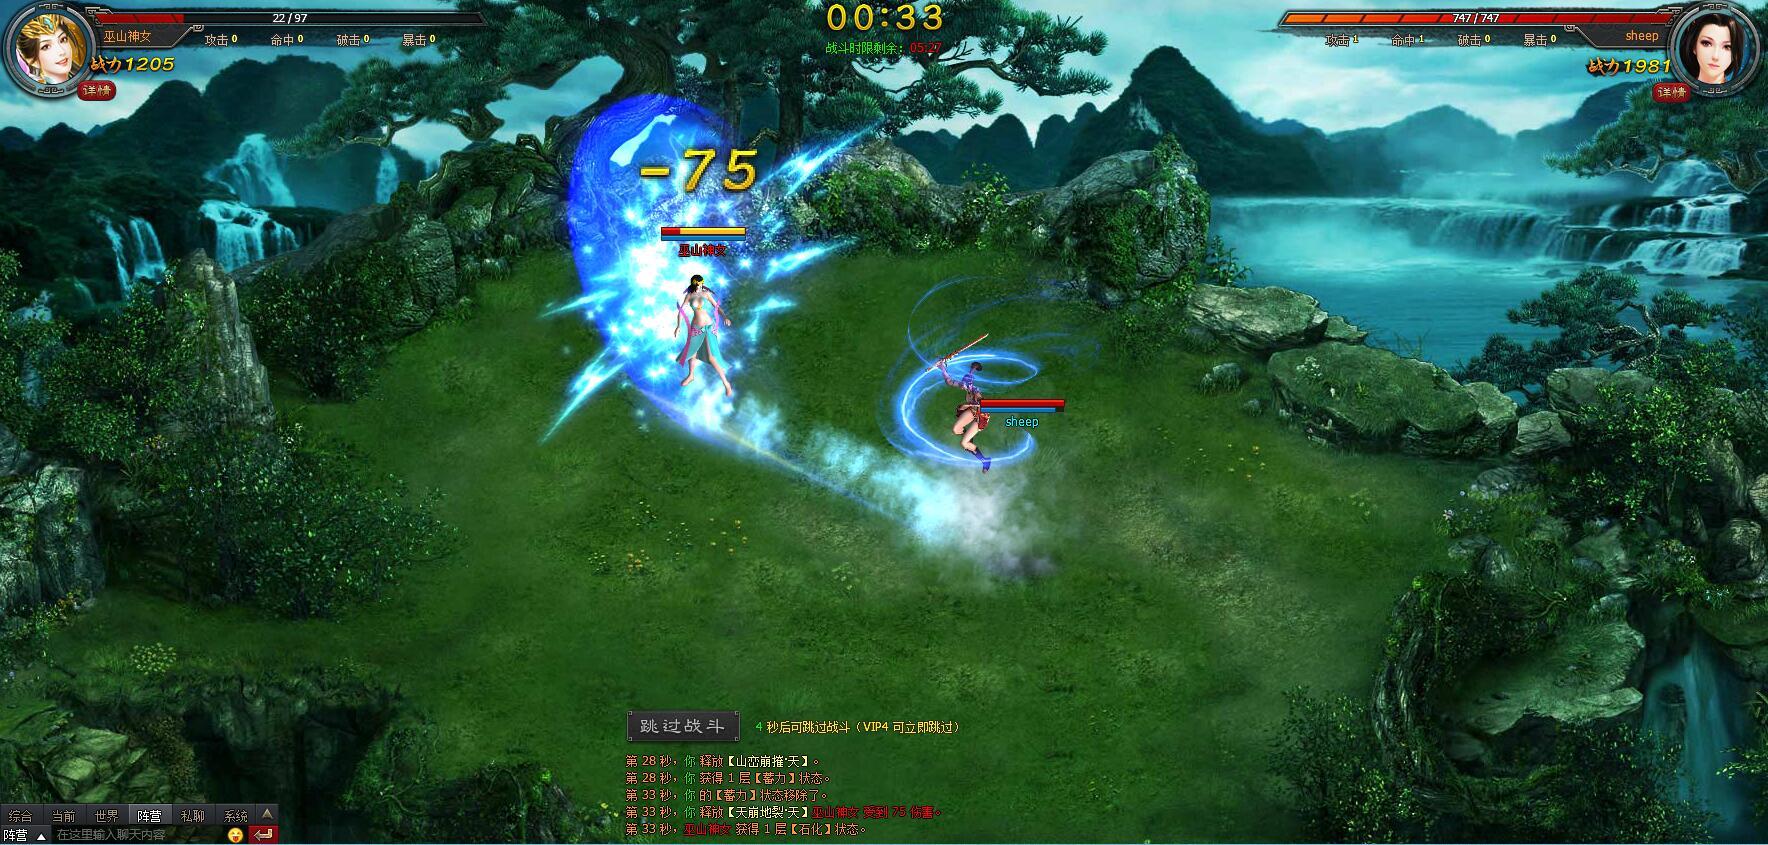 江湖OL游戏截图3